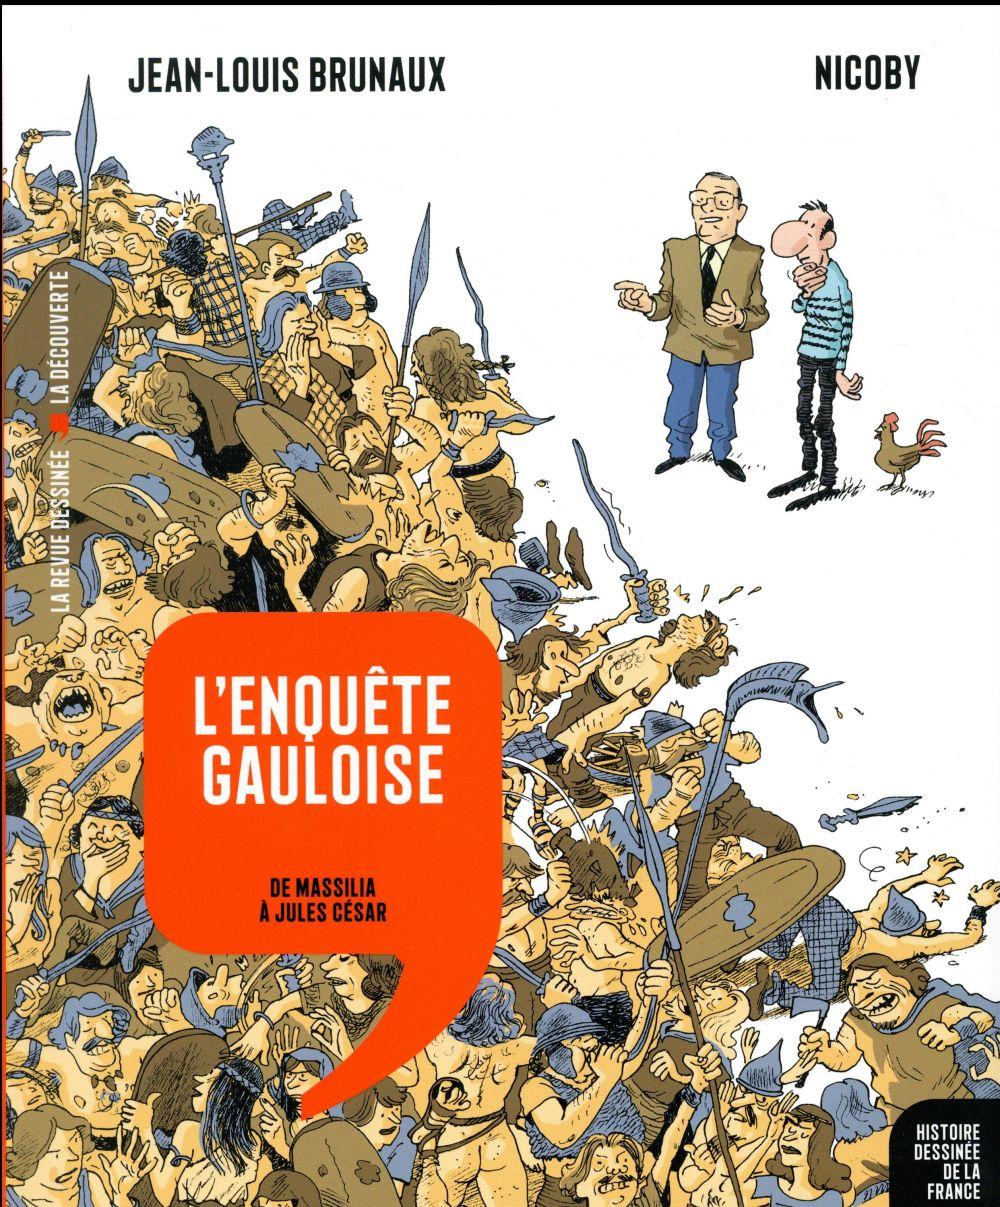 L'ENQUETE GAULOISE - DE MASSILIA A JULES CESAR Nicoby Revue dessinée